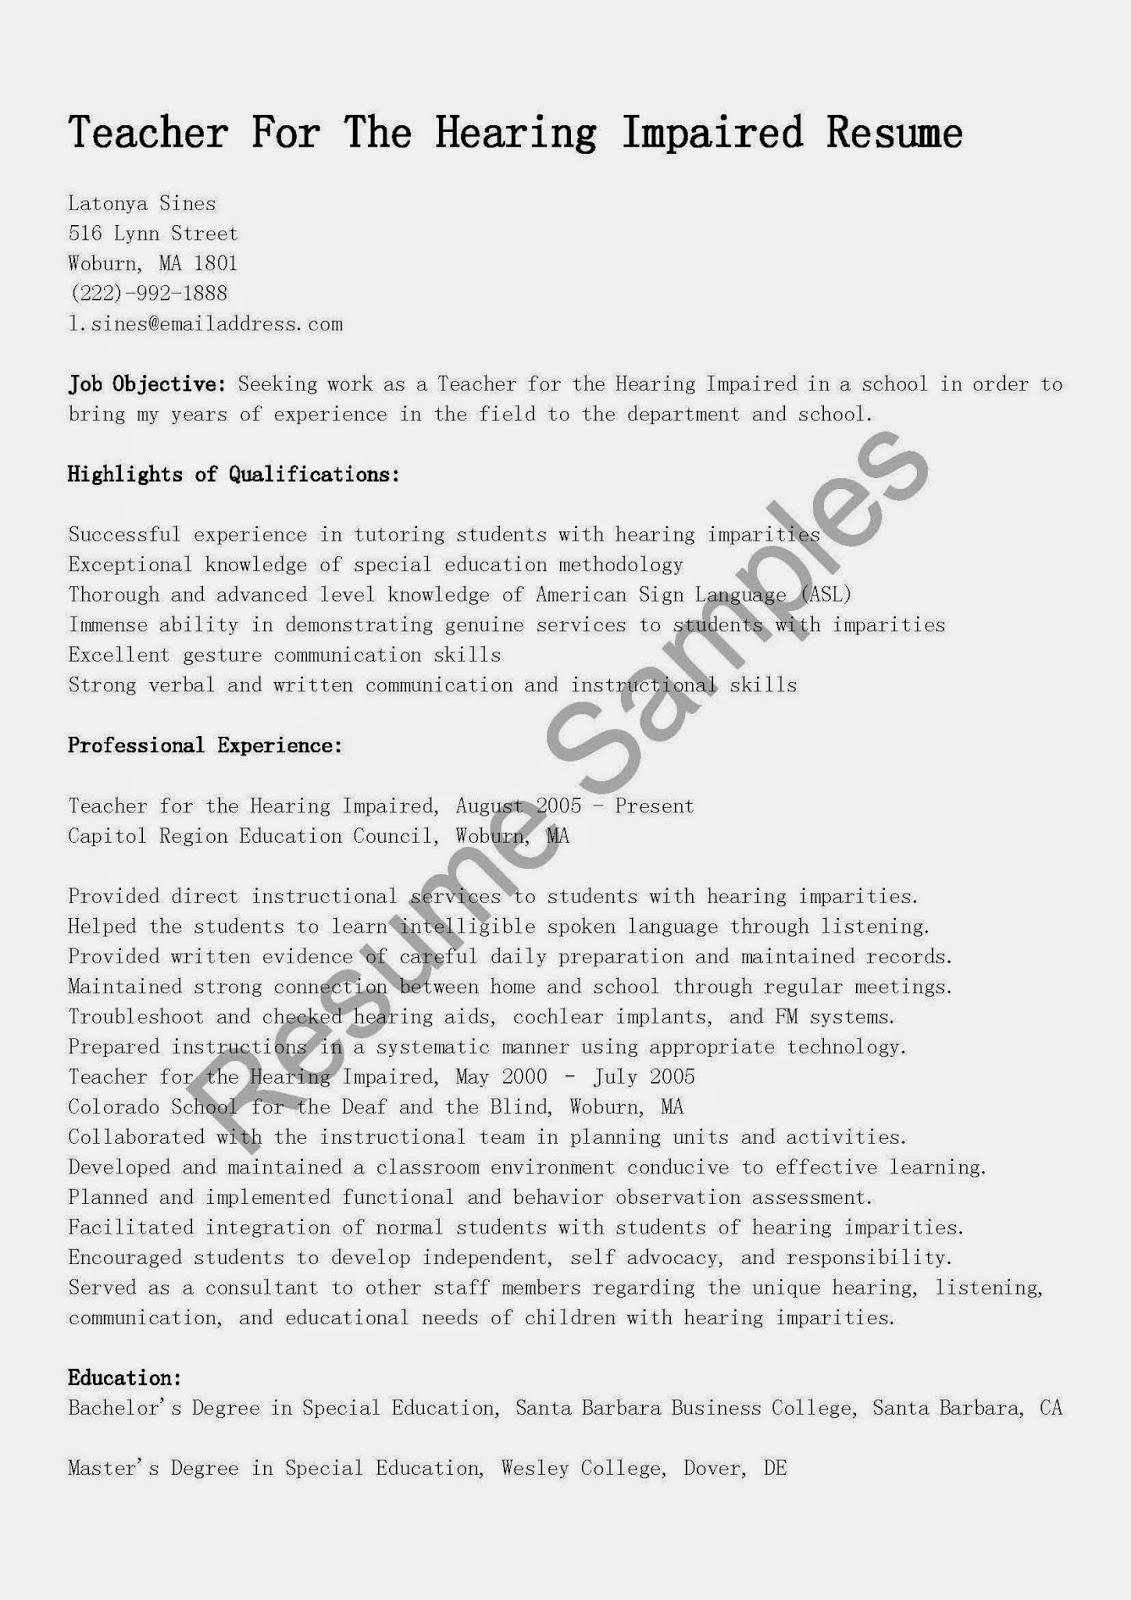 resume samples  teacher for the hearing impaired resume sample